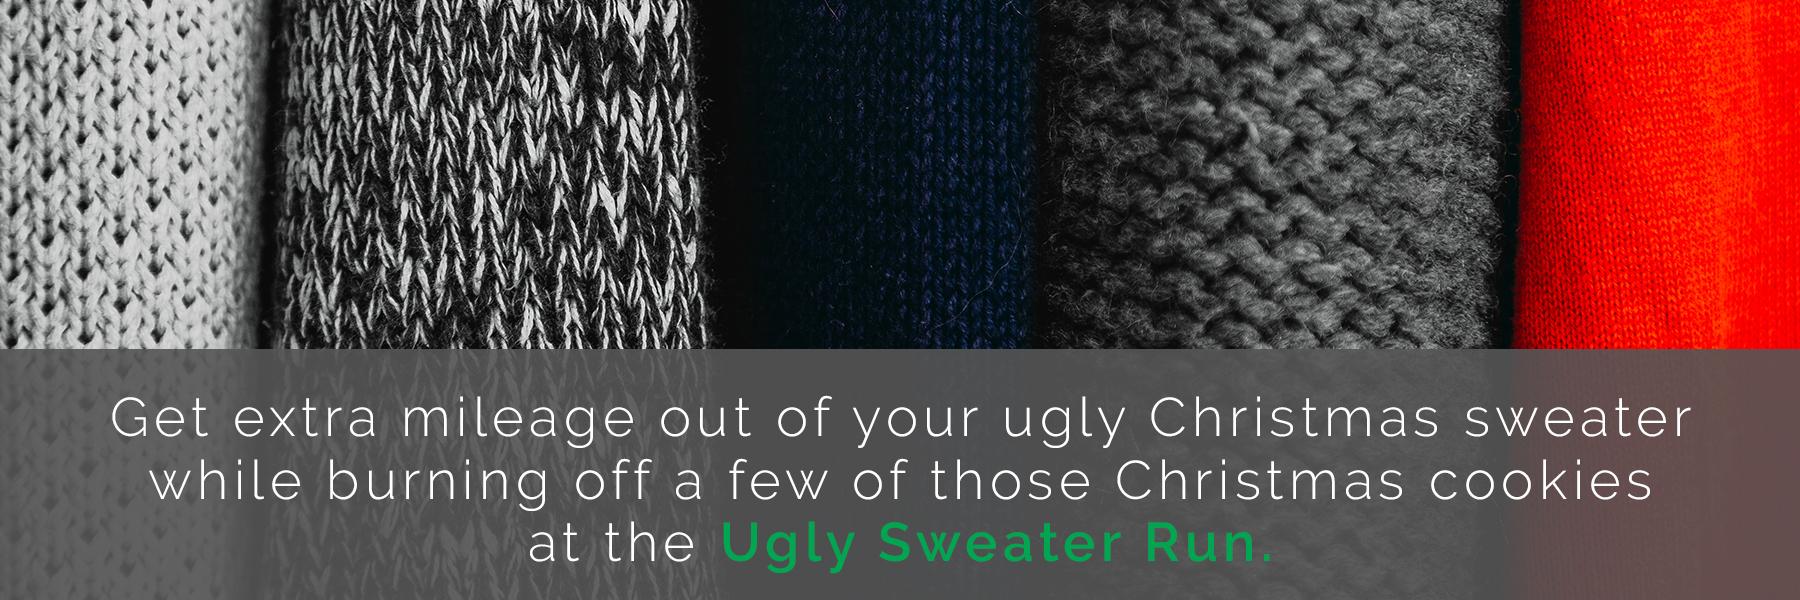 Ugly Sweater Run